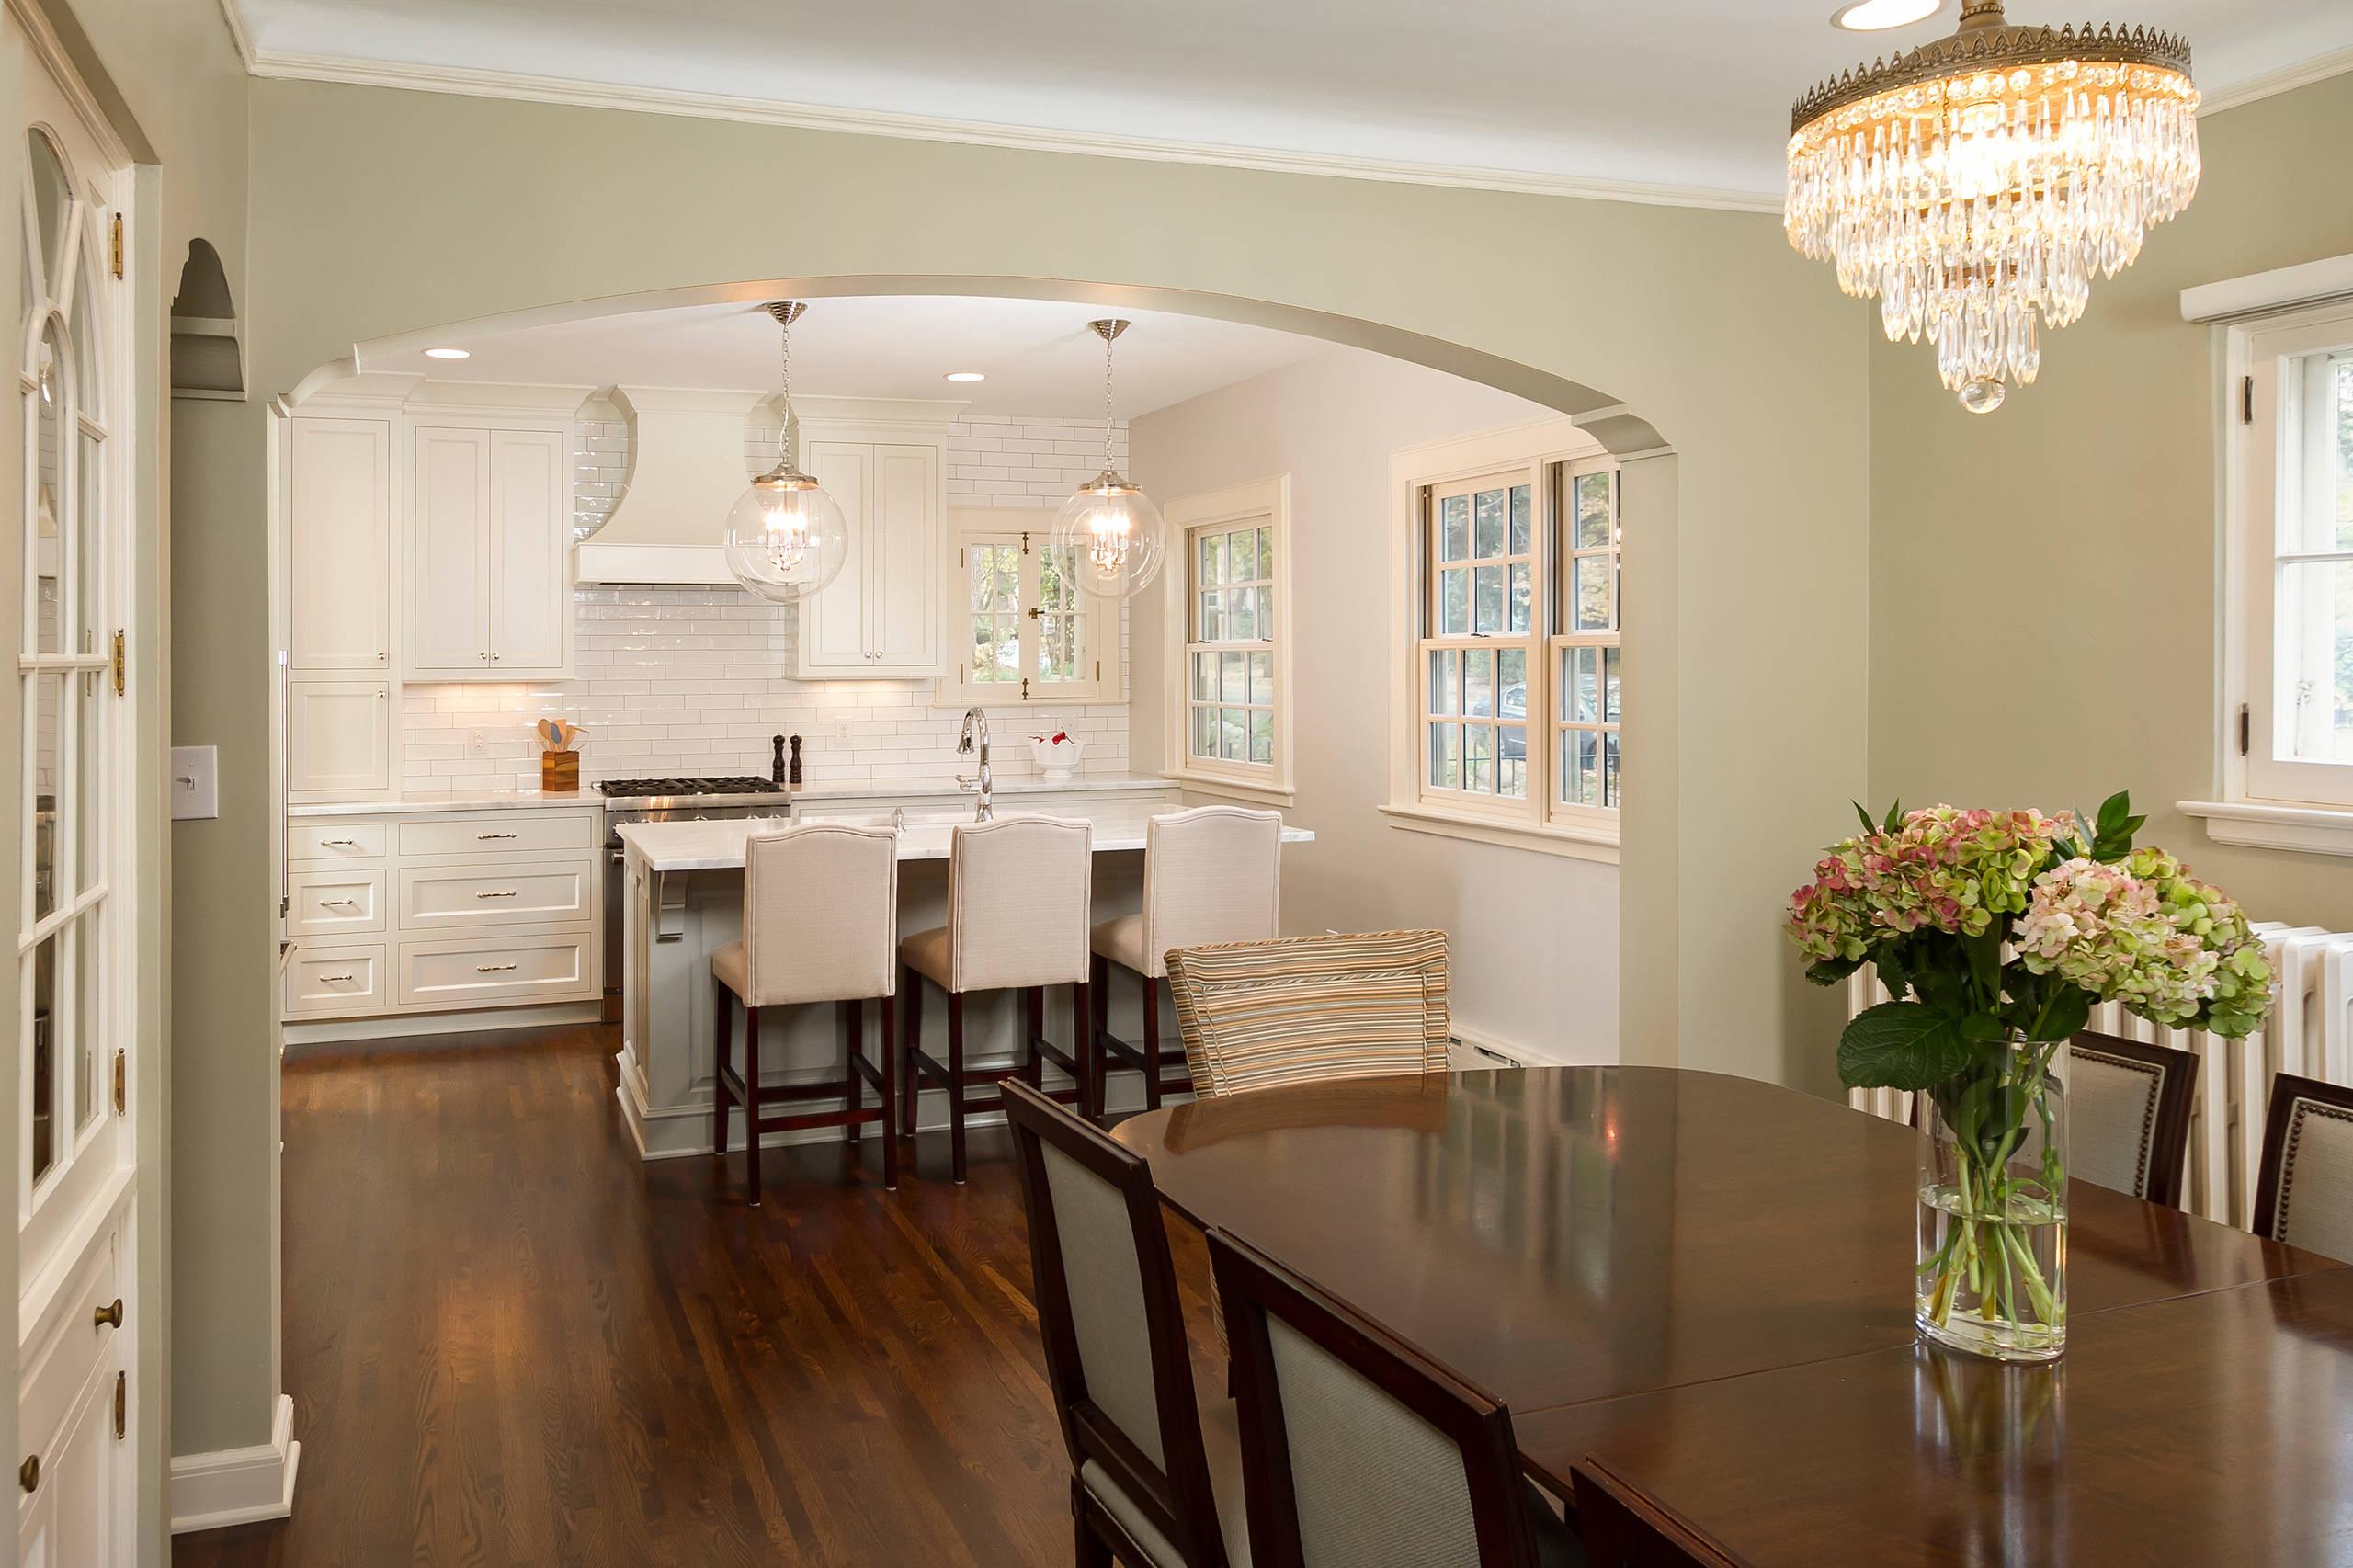 Reimagined Historic Fulton Kitchen